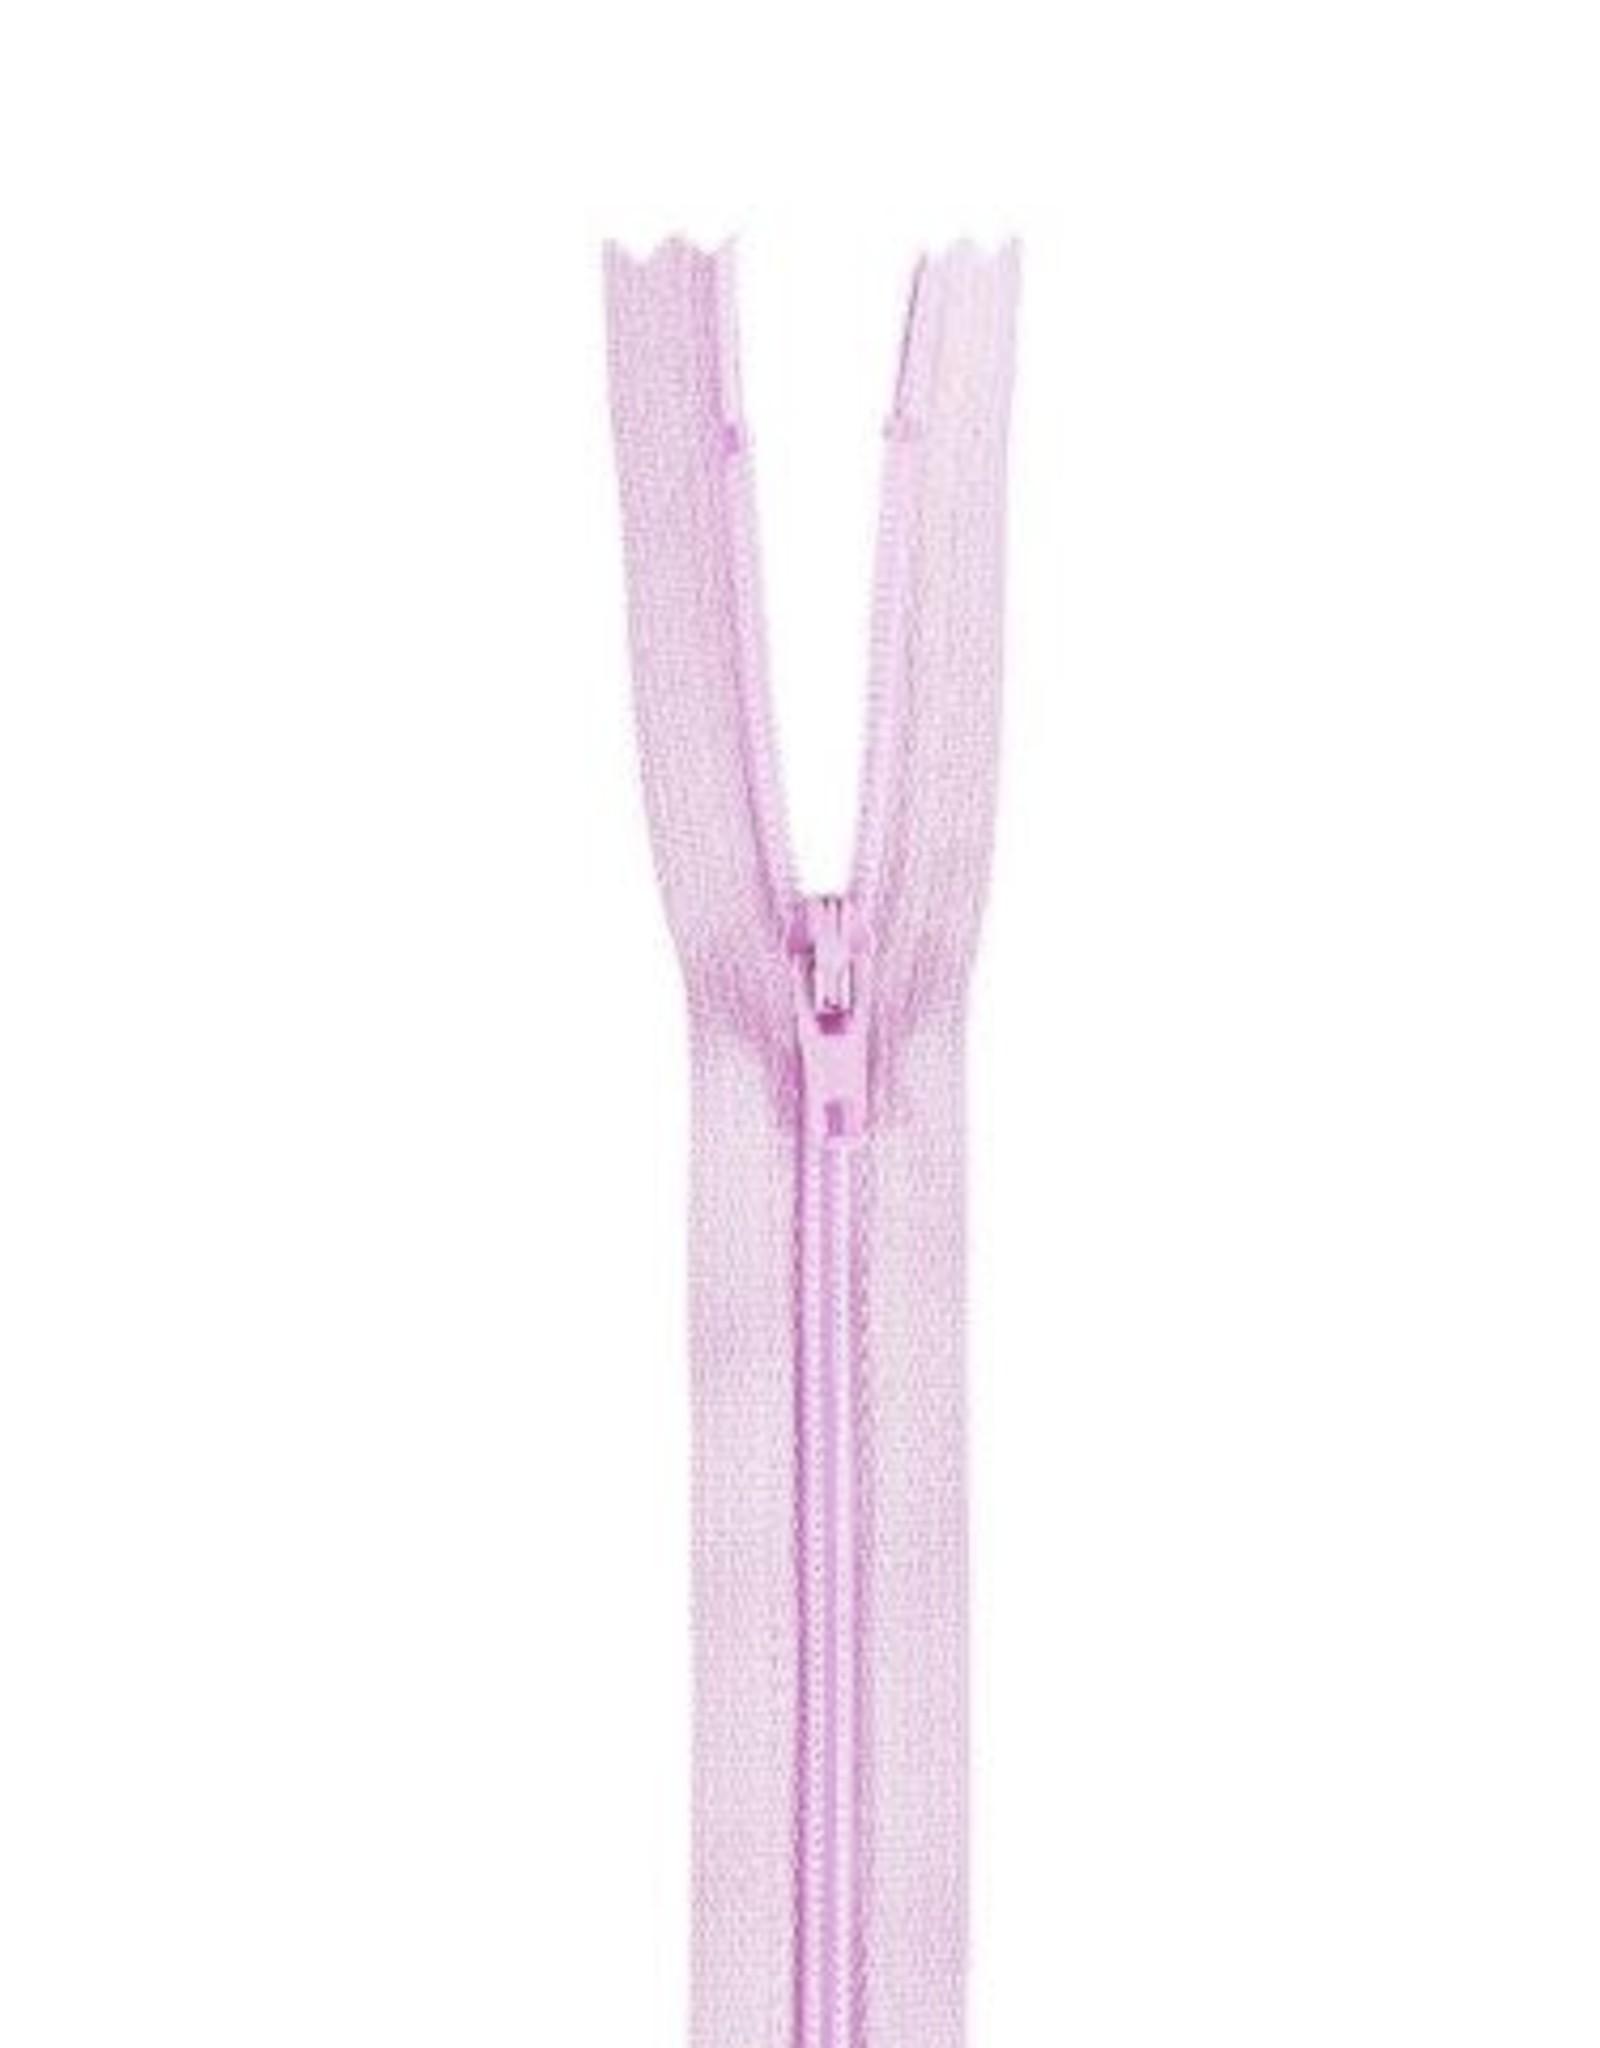 YKK Spiraalrits niet-DB 3mm licht roze paars 068-40cm